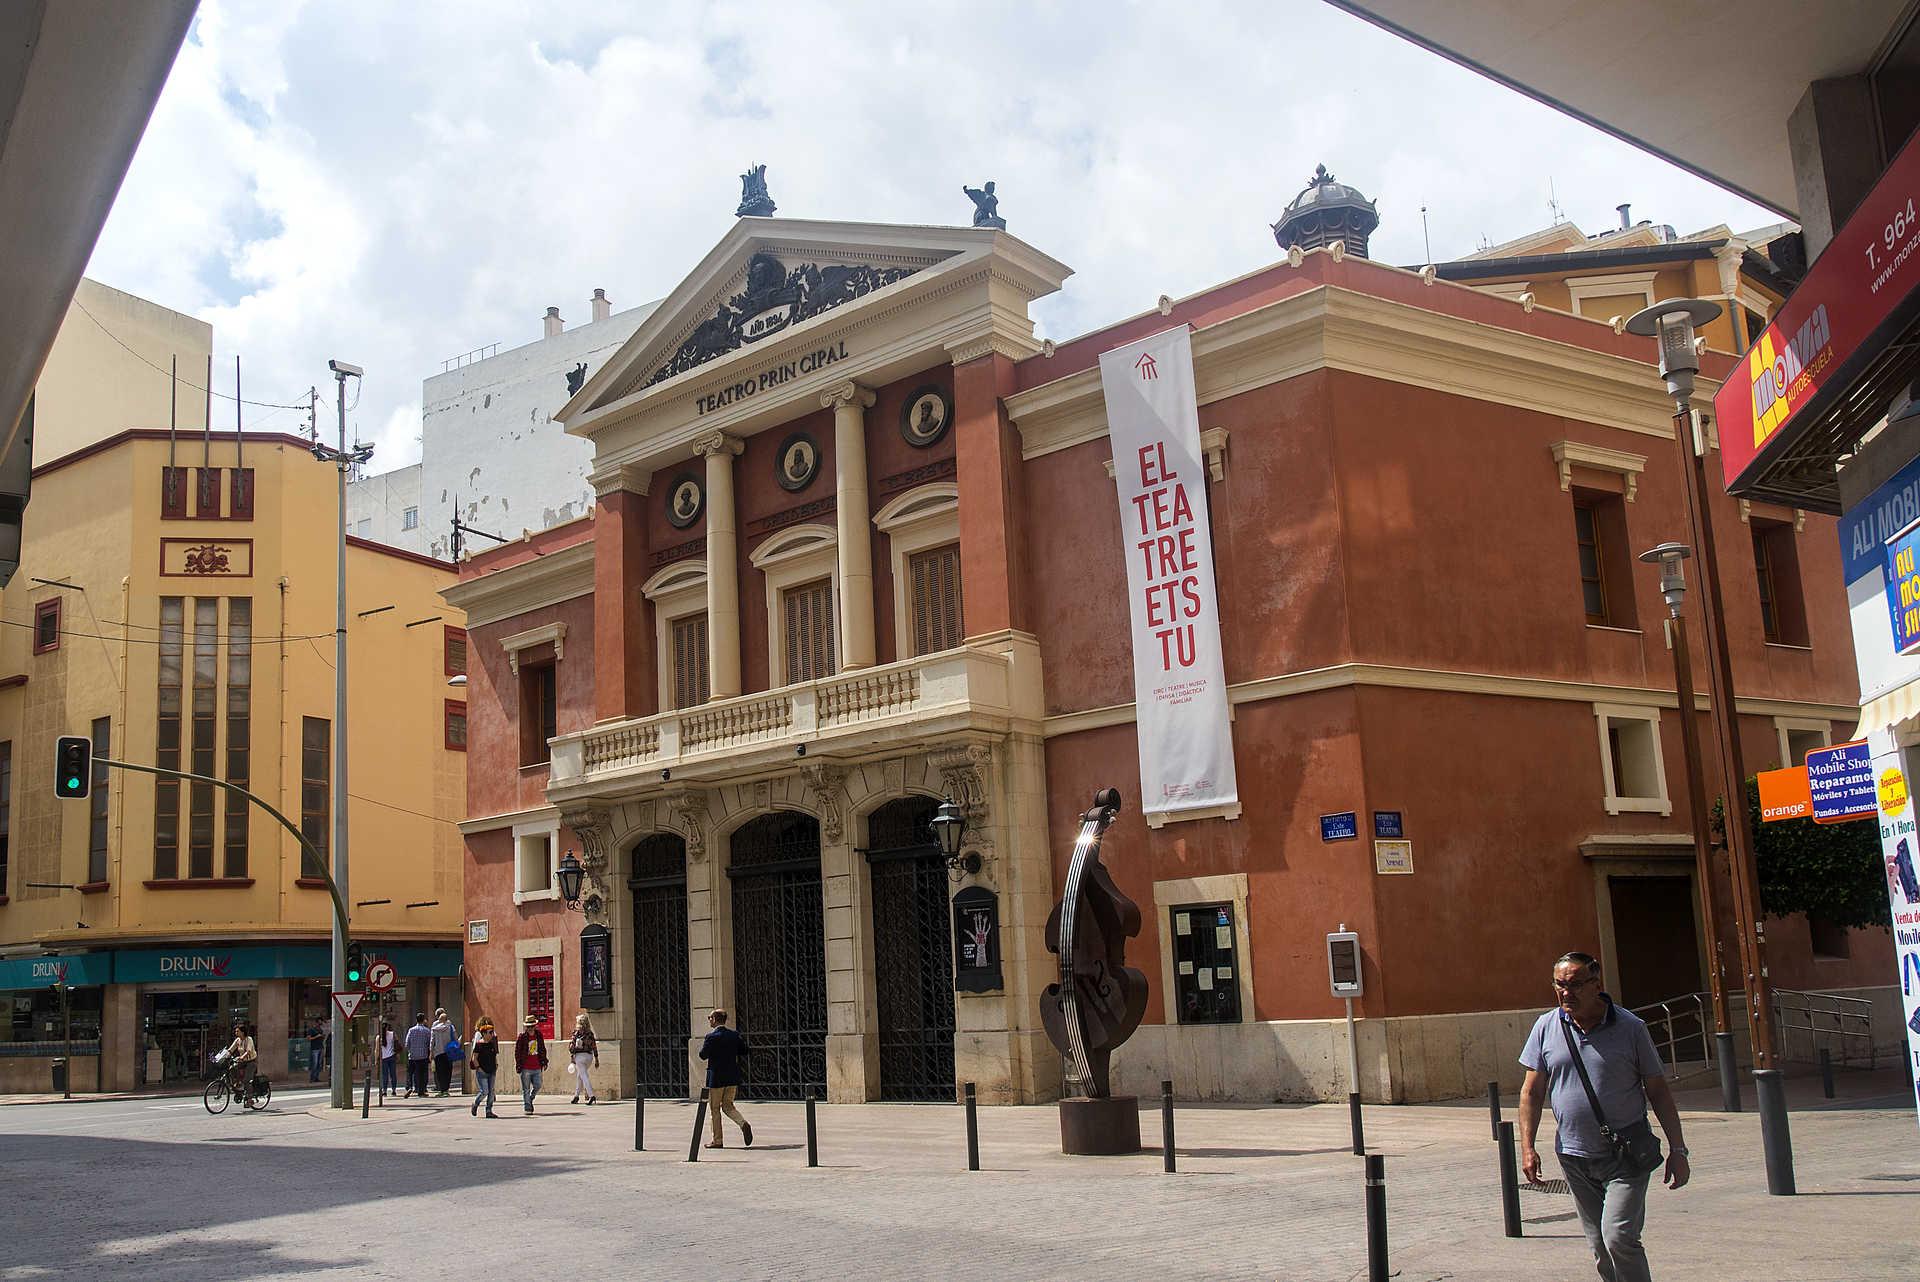 Principal Theatre